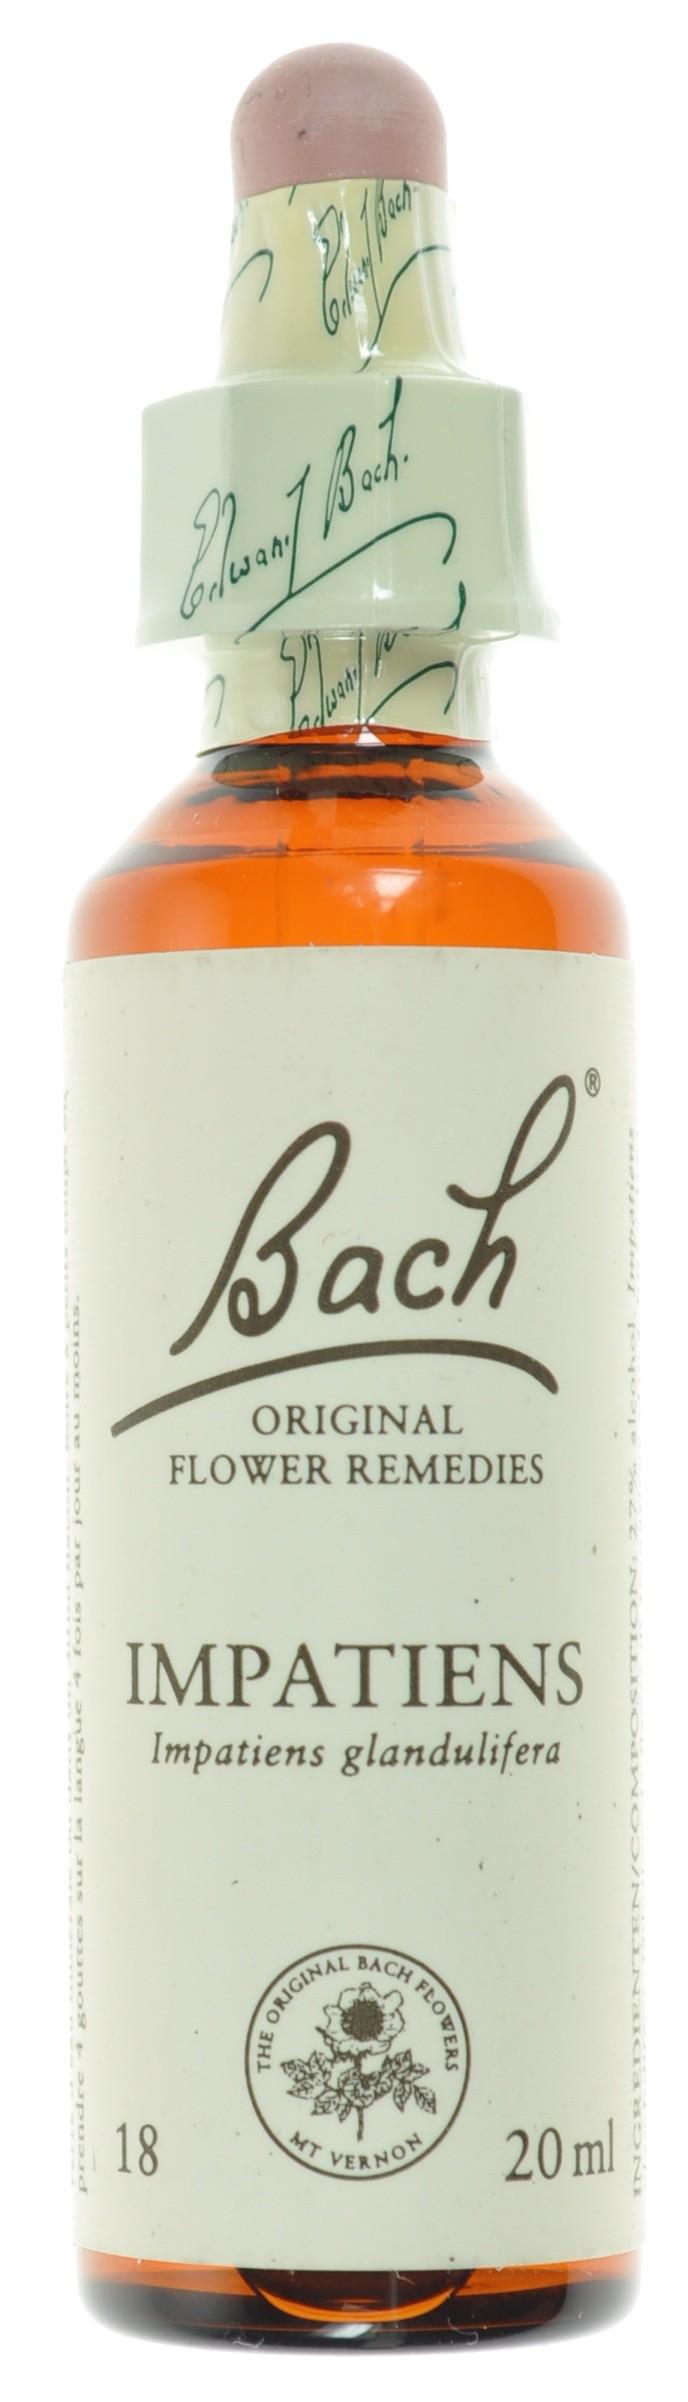 Fleurs de bach 18 impatiens 20ml acheter en ligne for Acheter fleurs en ligne